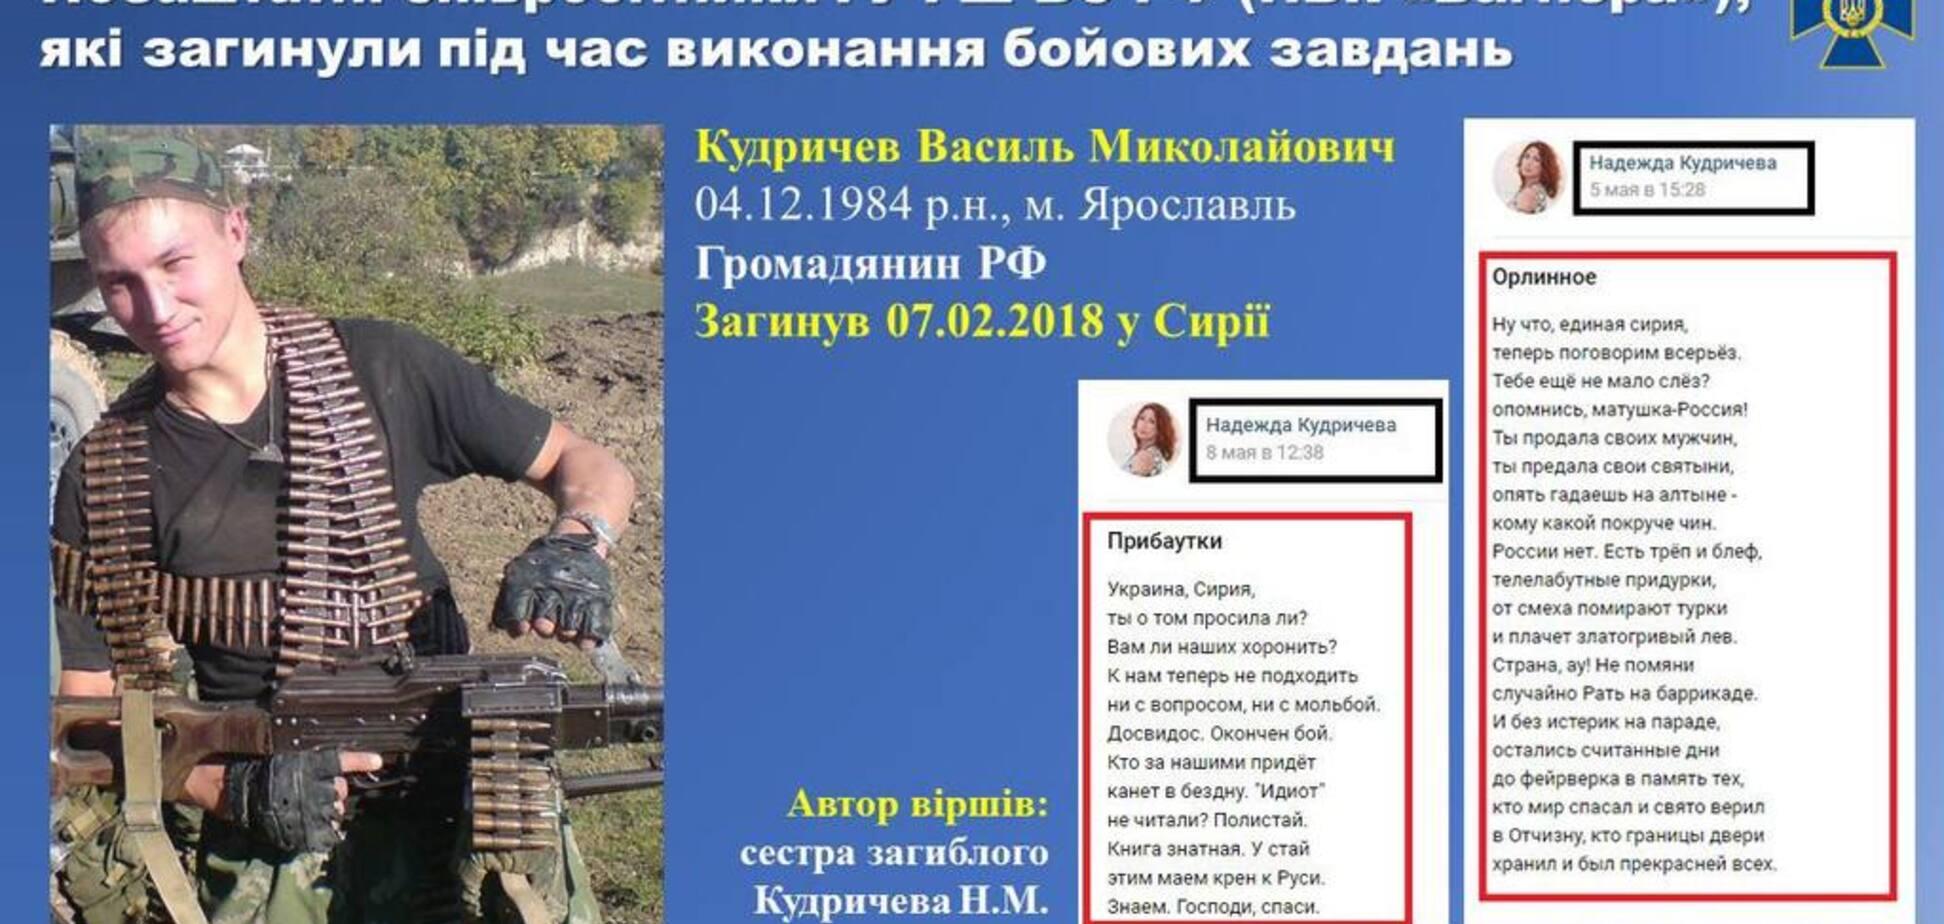 Розсекречені особи російських найманців ПВК 'Вагнер' на Донбасі: поіменний список